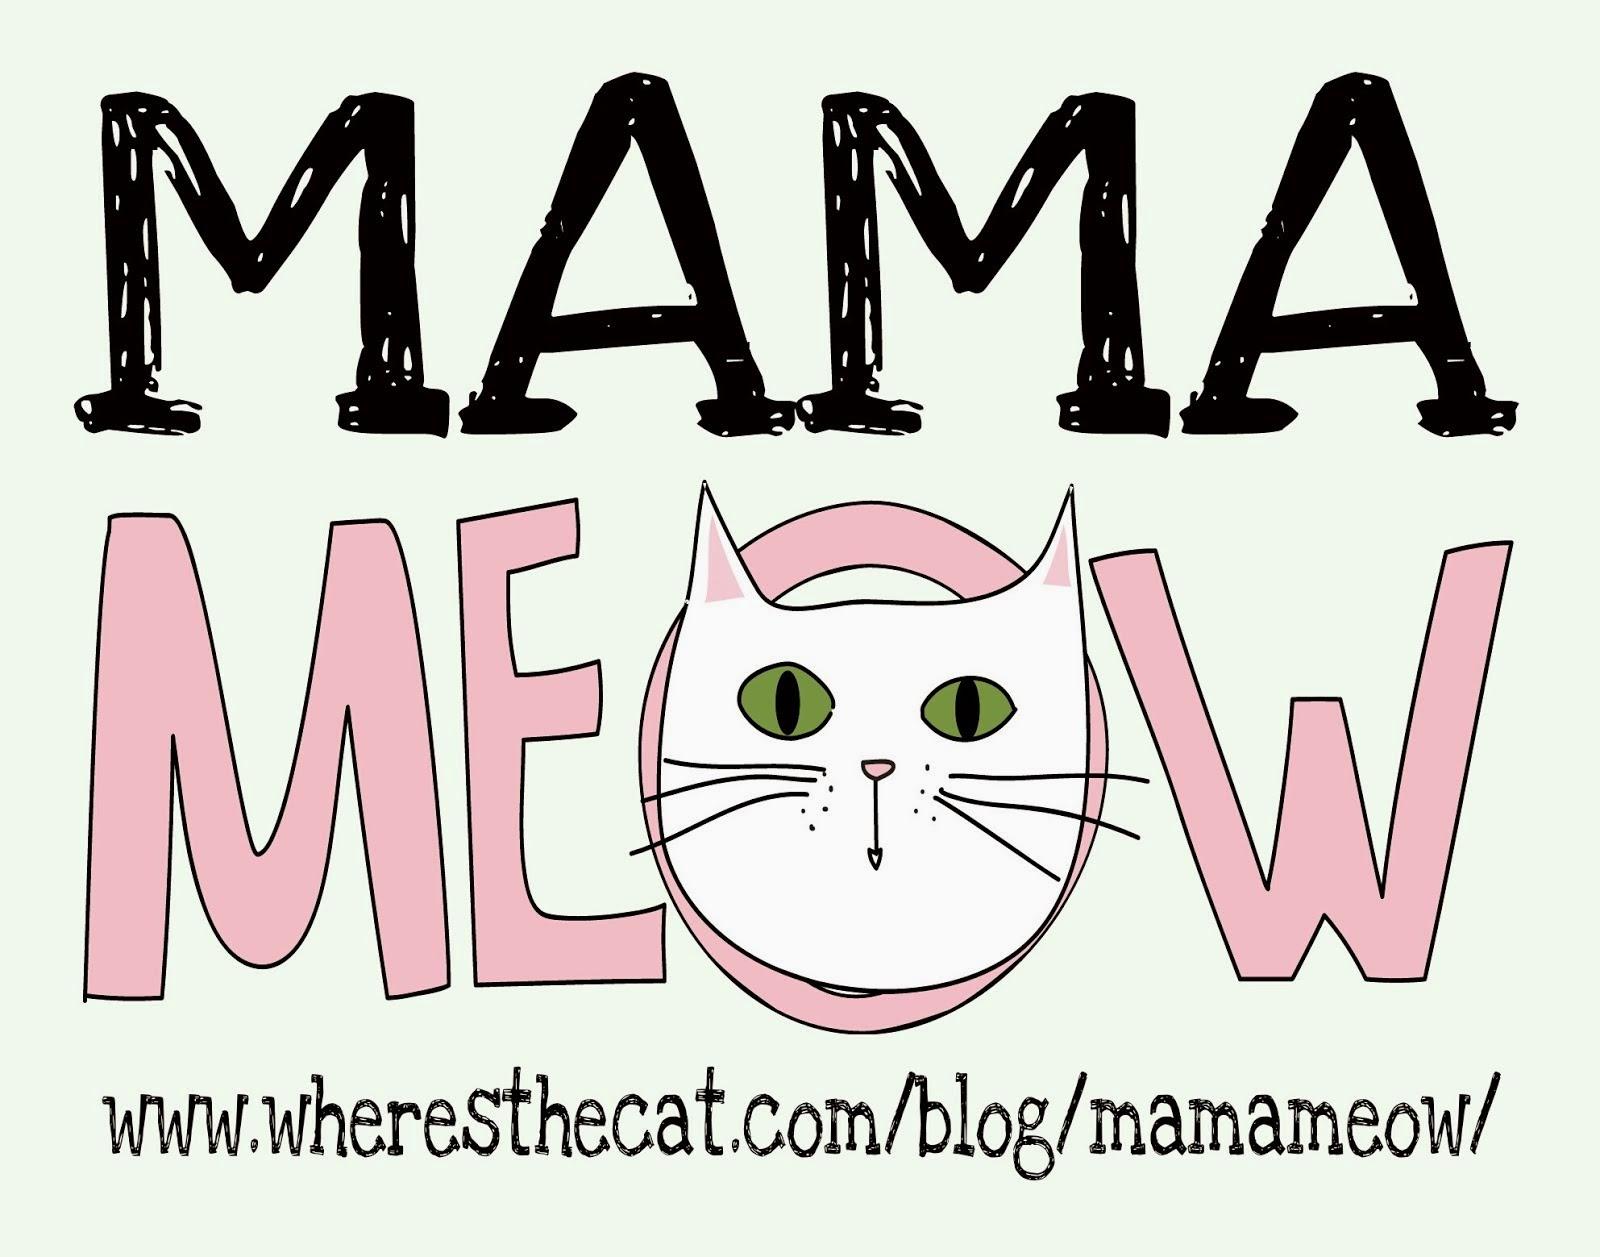 Check Meowt!